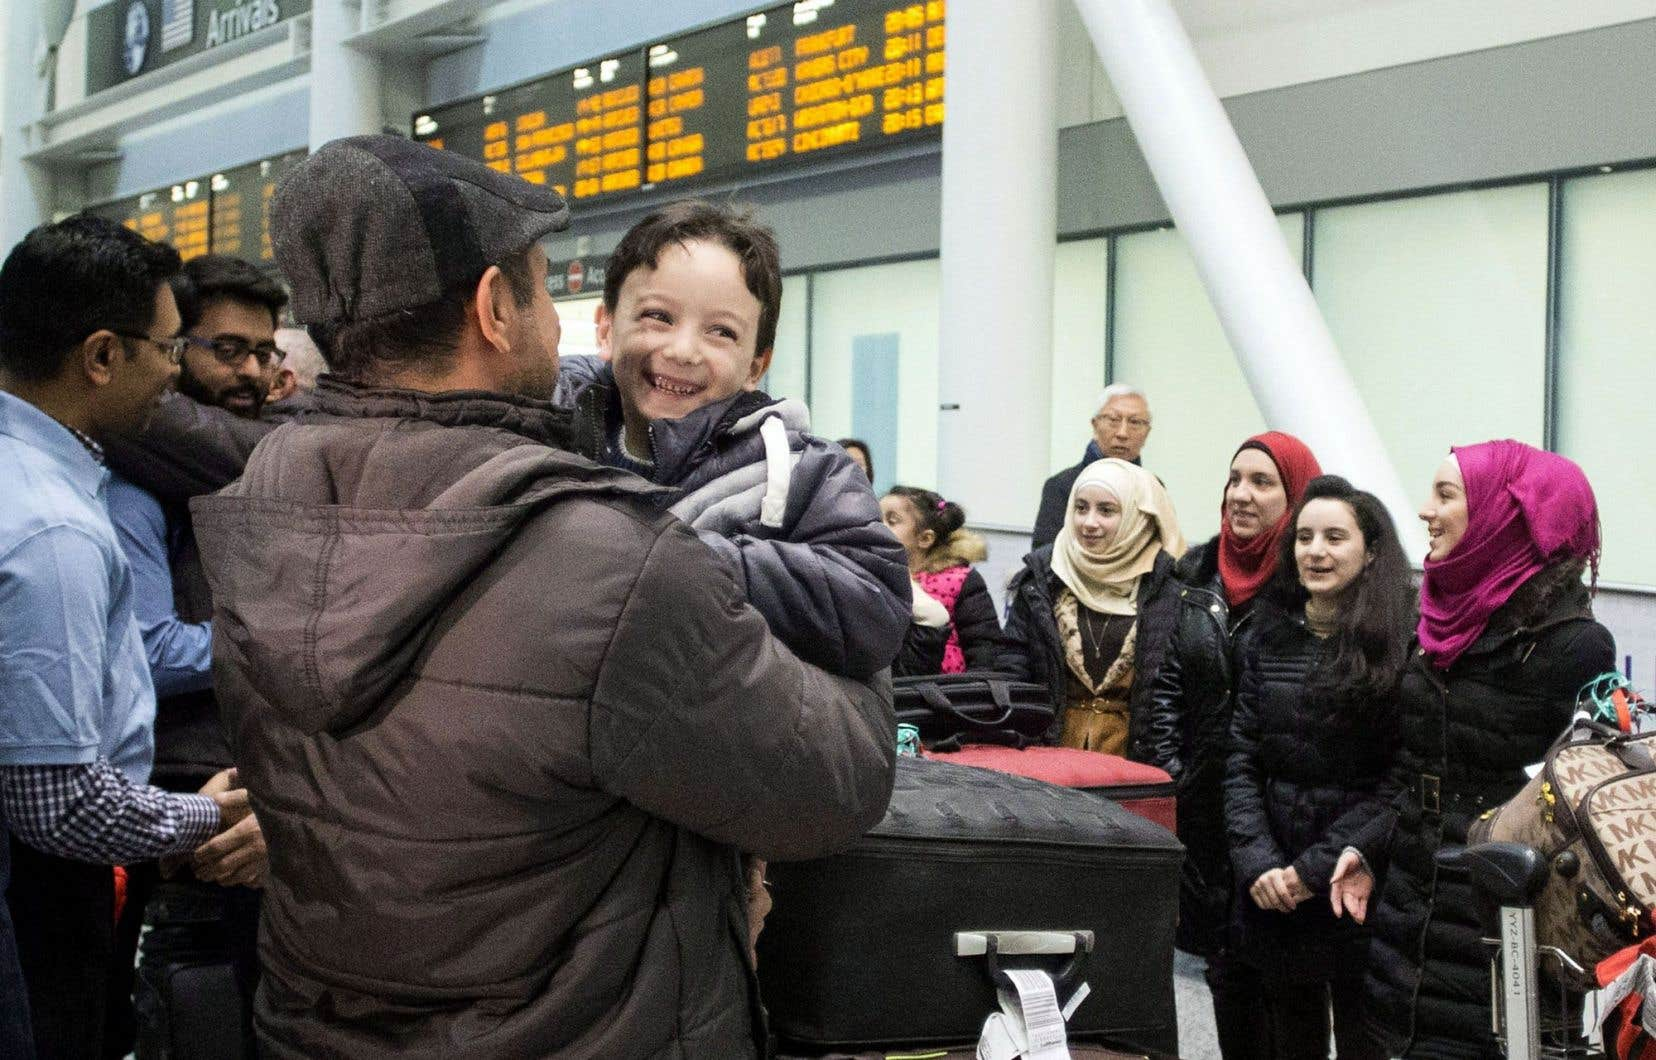 Les petits Syriens qui arriveront à Québec auront des places en classe d'accueil. Ci-dessus, une famille parrainée au privé est arrivée à l'aéroport de Toronto, jeudi.